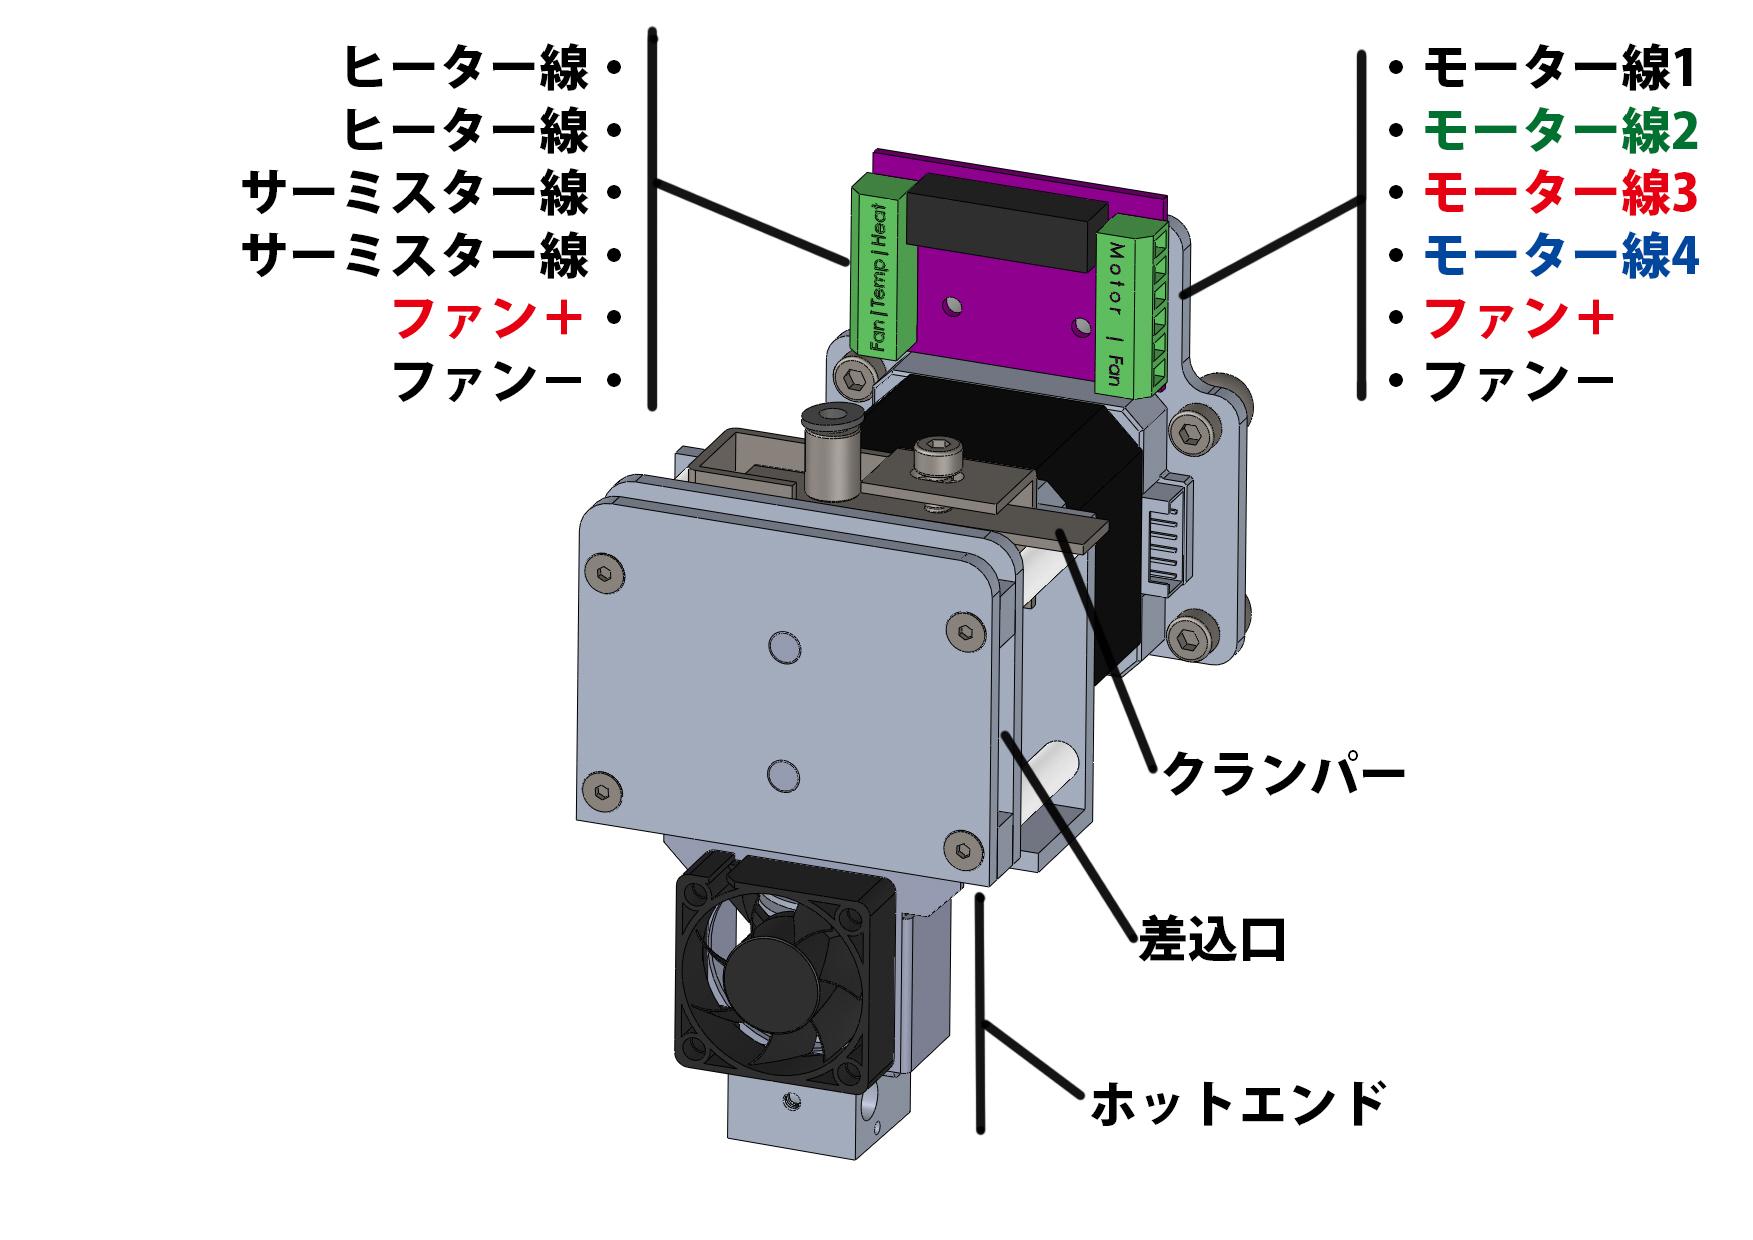 http://wiki.genkei.jp/image/genkei/TITAN/AssemNTDDExtruderonTITAN301.JPG